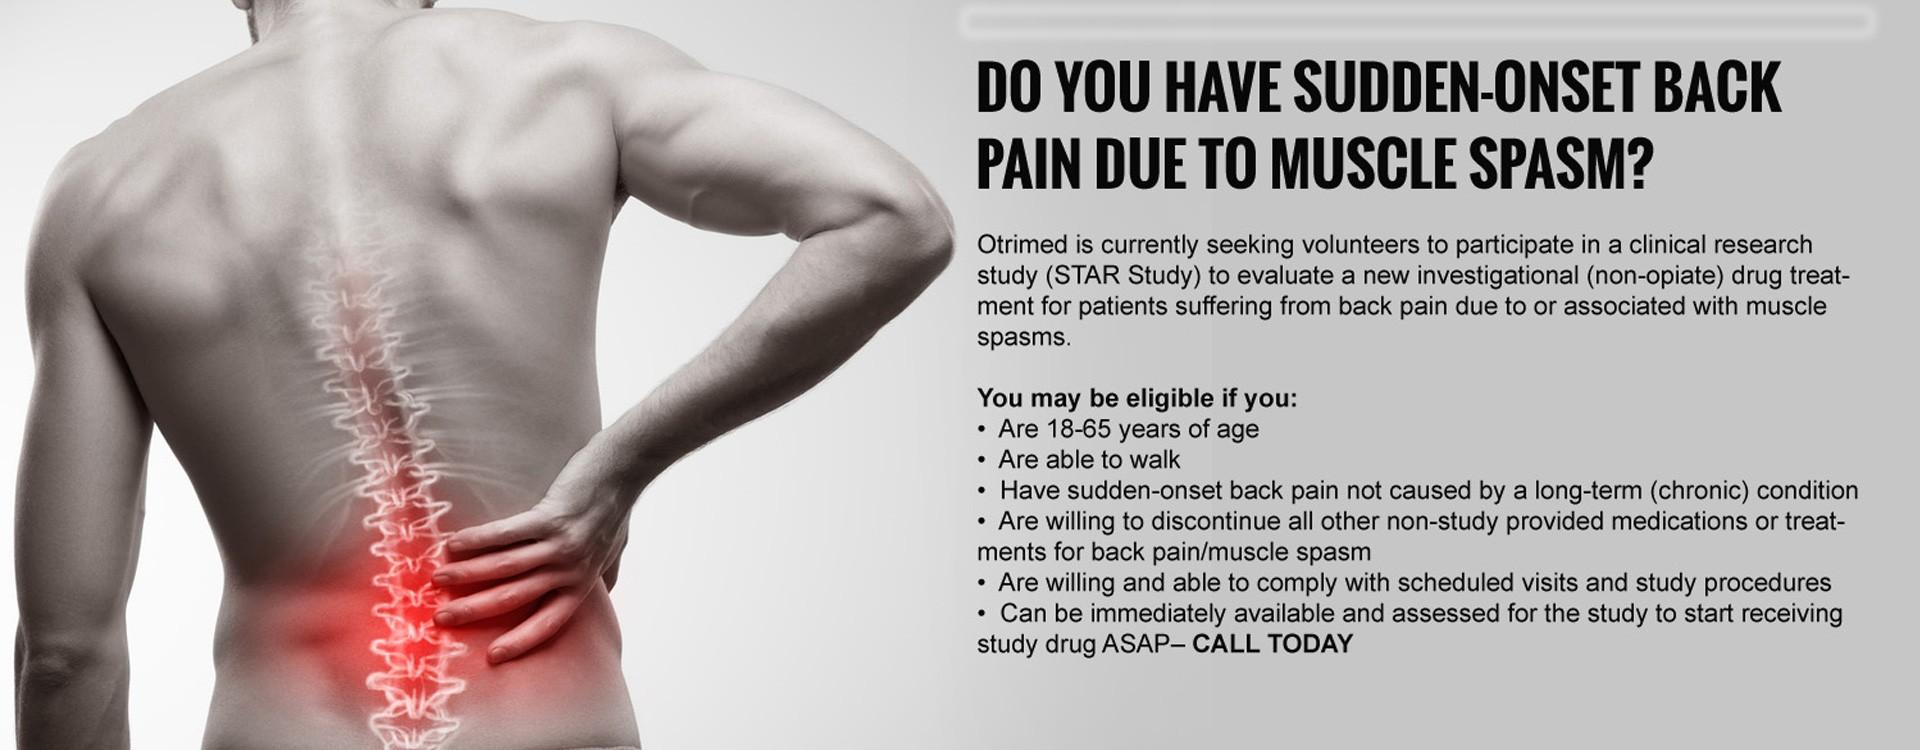 نحوه ی مراقبت از عضلات در مقابل اسپاسم و خستگی